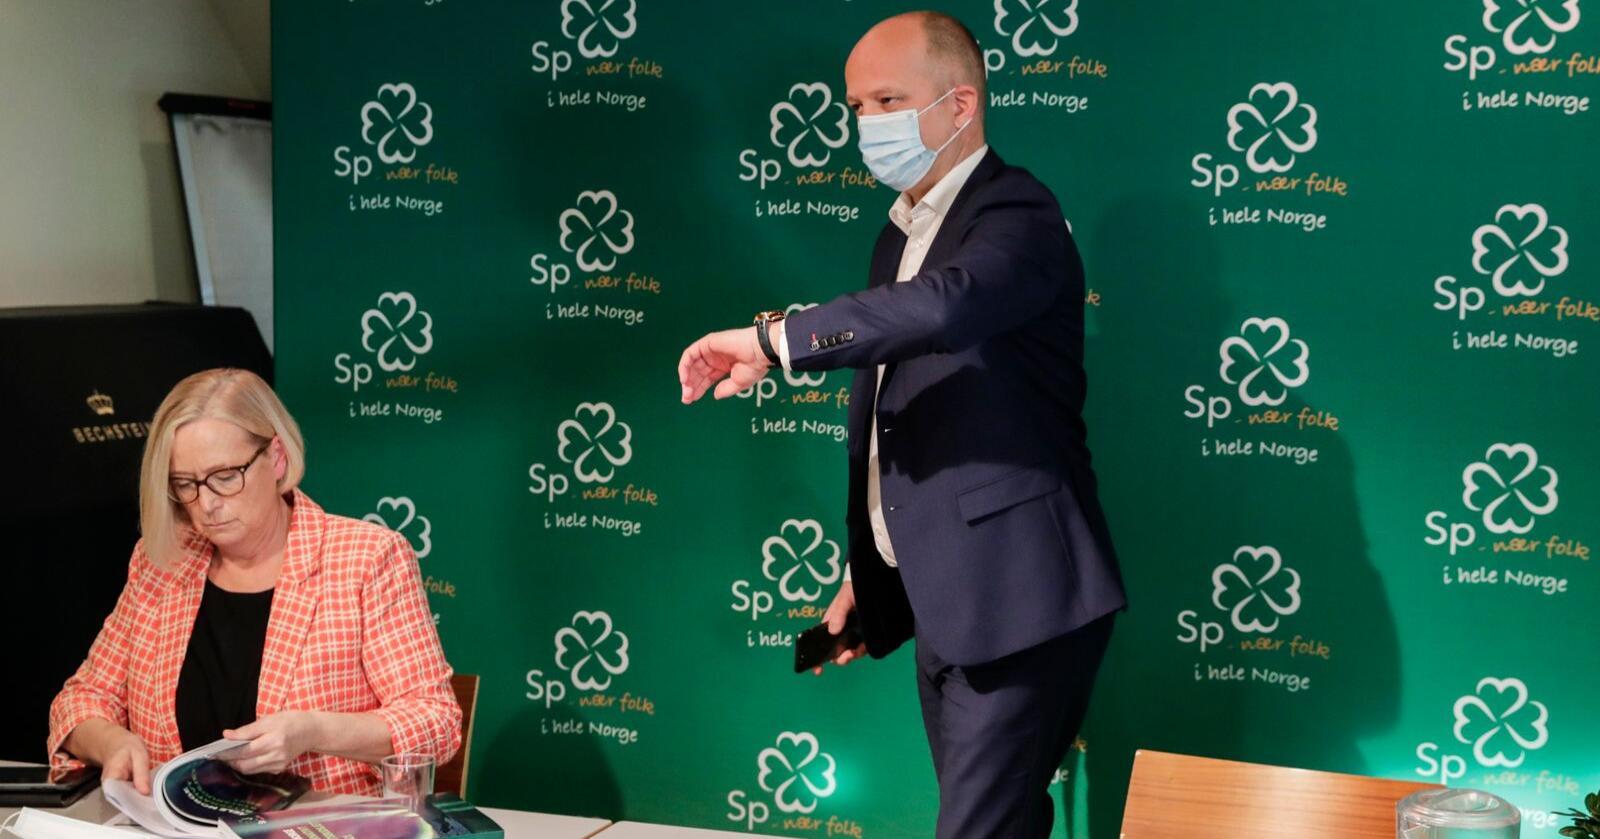 Parlamentarisk leder Marit Arnstad og partileder i Senterpartiet Trygve Slagsvold Vedum legger frem partiets alternativt statsbudsjett for 2021. Foto: Vidar Ruud / NTB